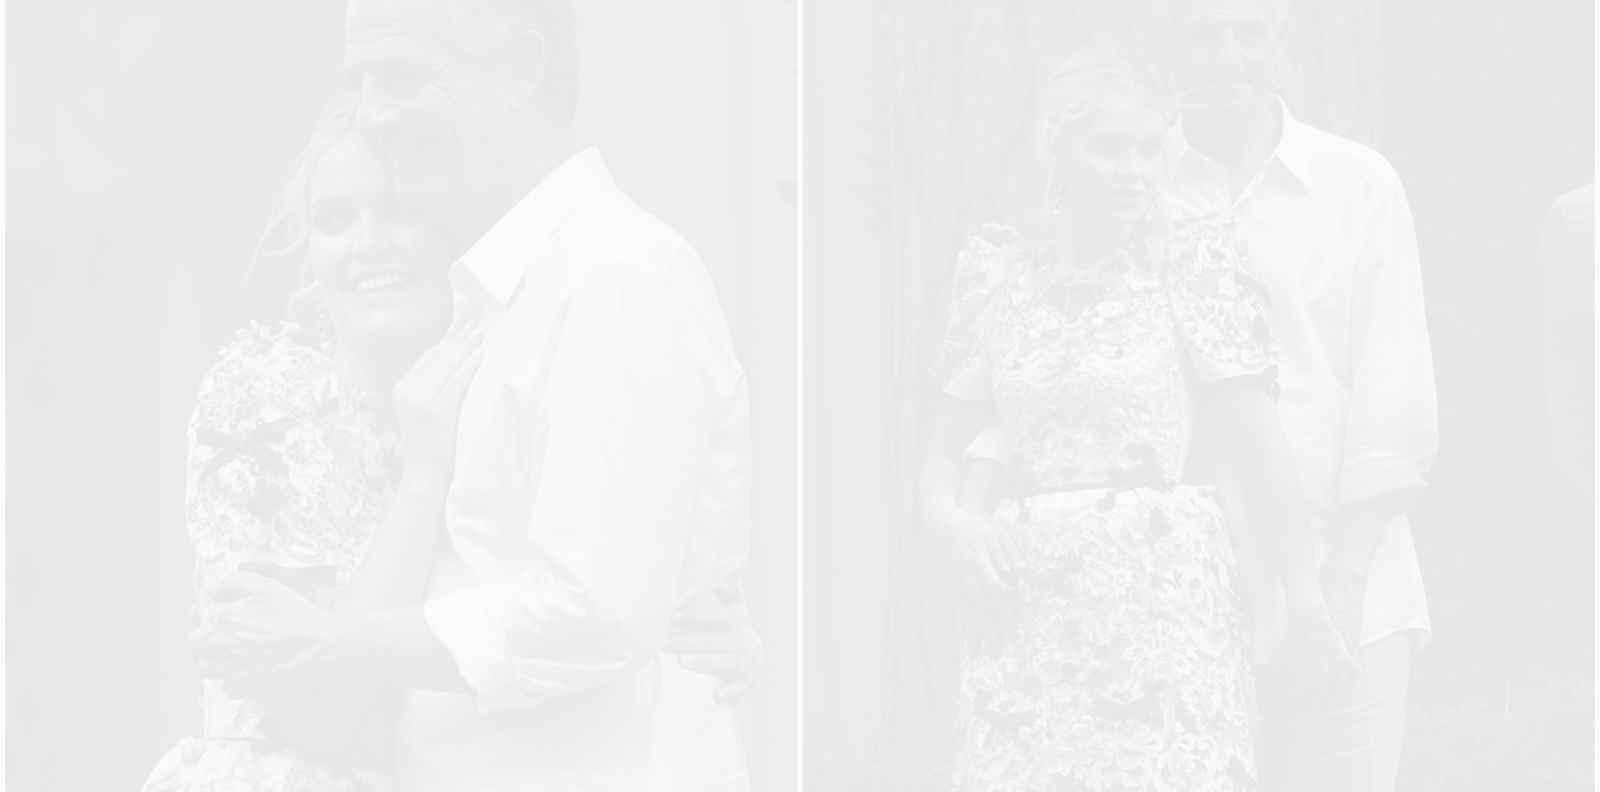 Племенницата на принцеса Даяна Кити Спенсър се омъжи за 62-годишен милиардер